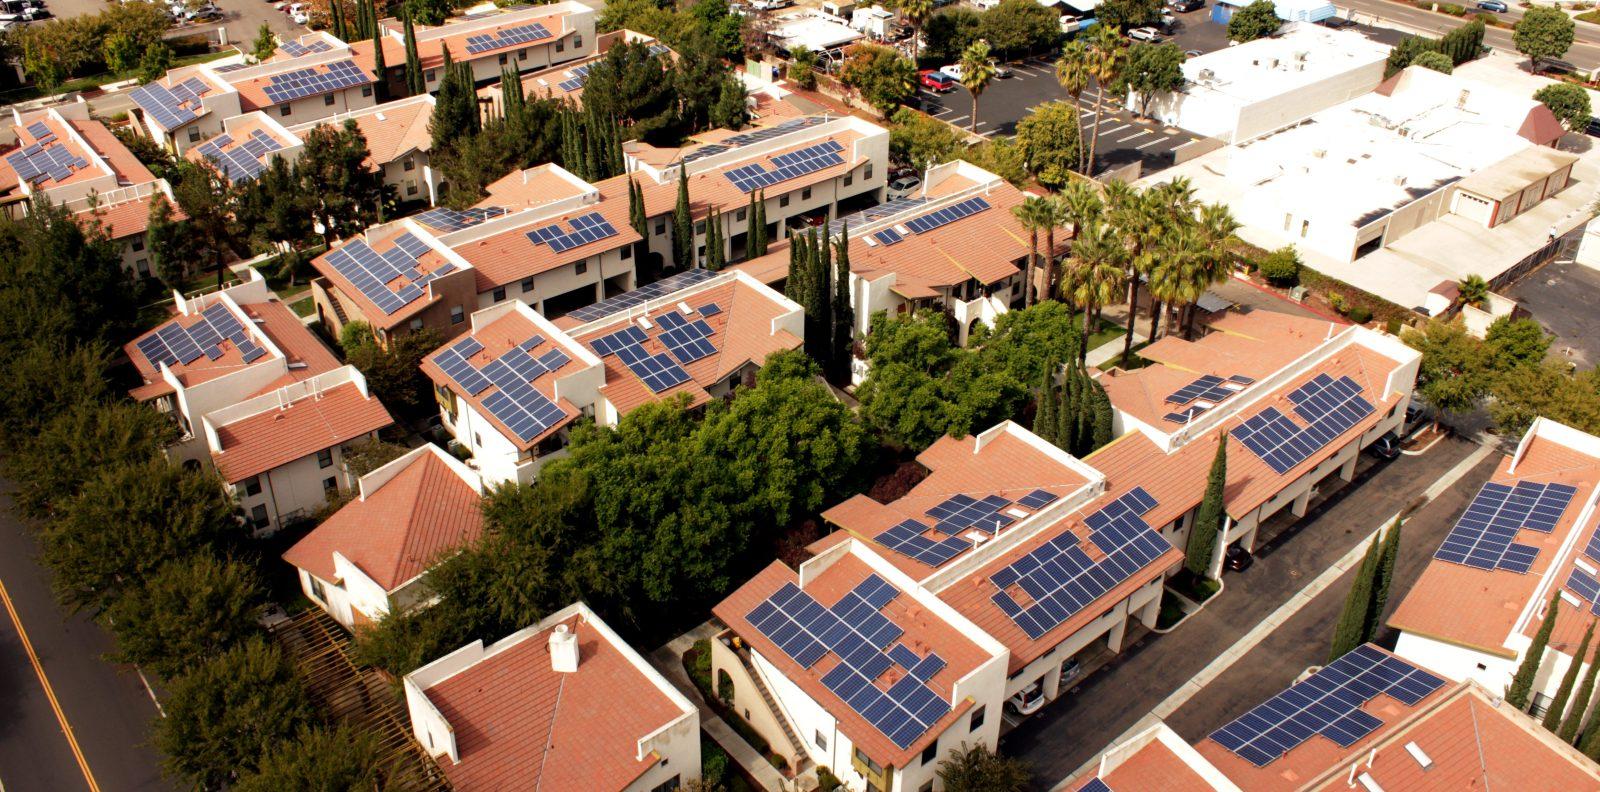 Casas sustentáveis gerando energia através de placas fotovoltaicas instaladas na cobertura.